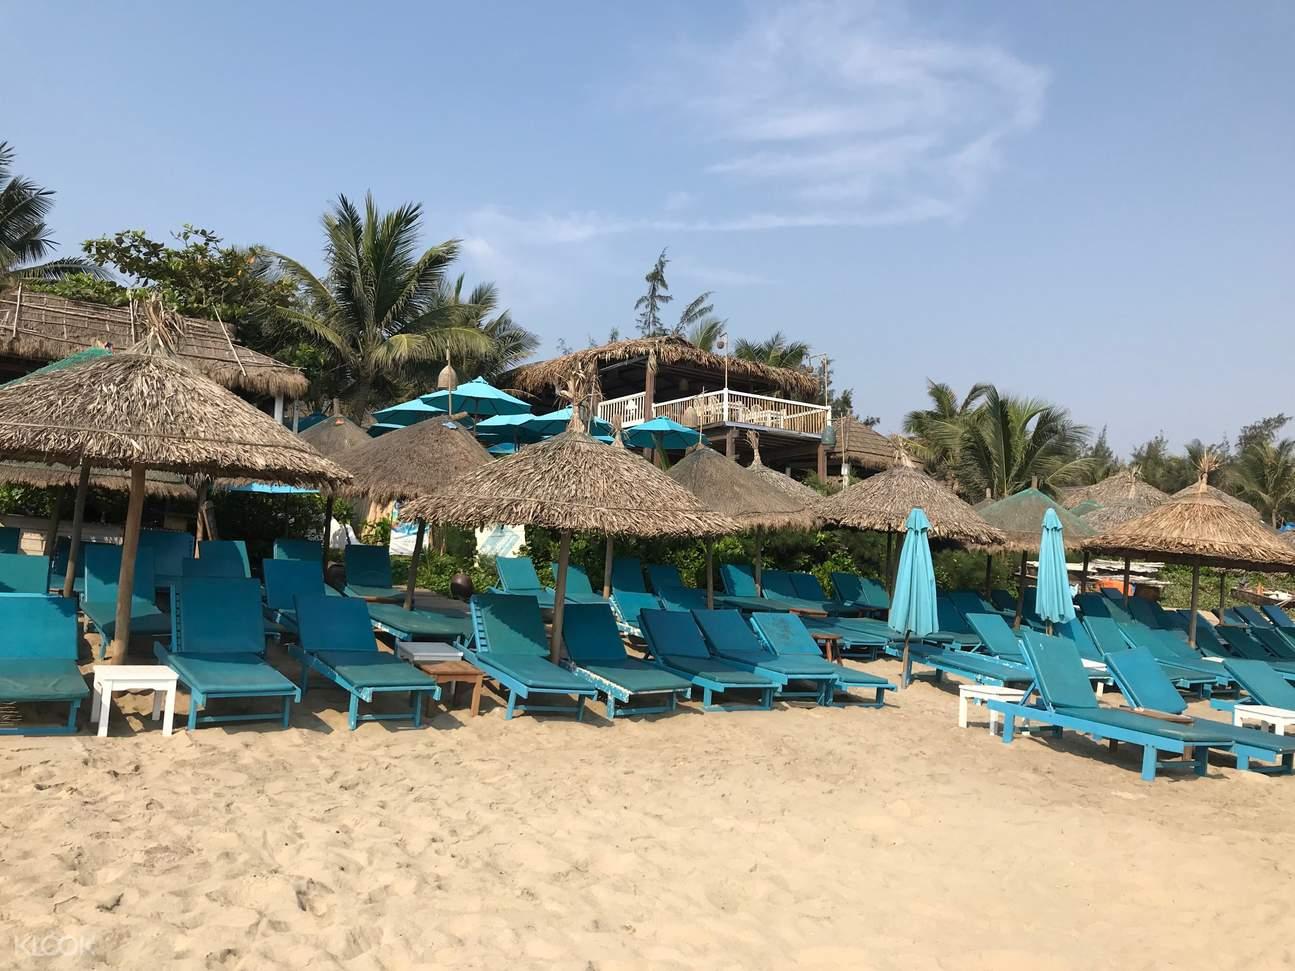 Hotel's private beach at An Bang beach